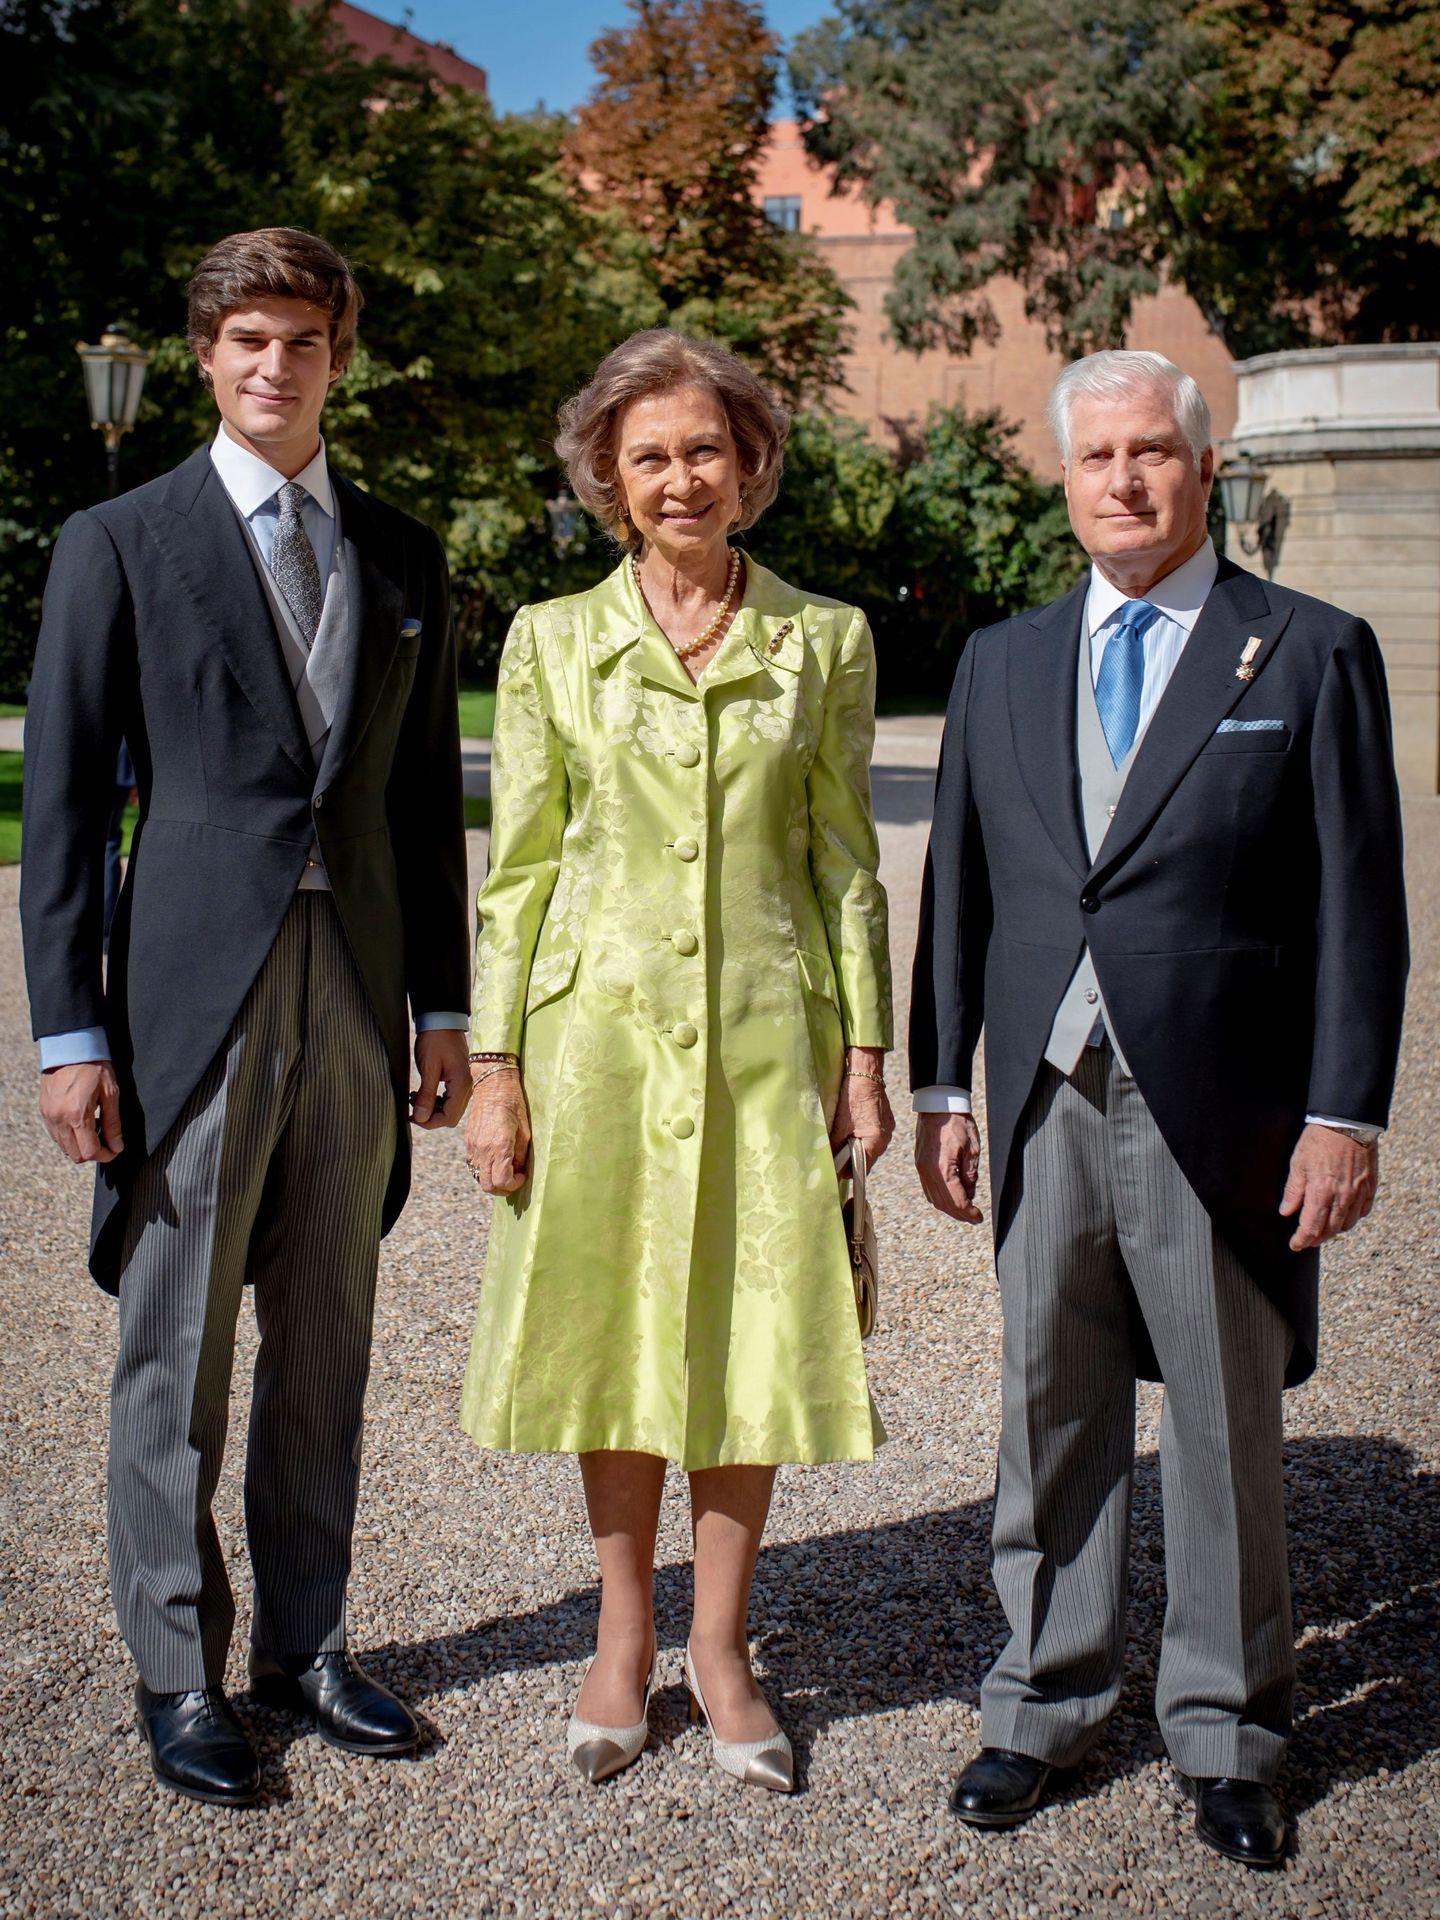 El duque de Alba y el duque de Osorno,  con la reina doña Sofía en la boda de Fernando Fitz-James Stuart y Sofía Palazuelo. (EFE)